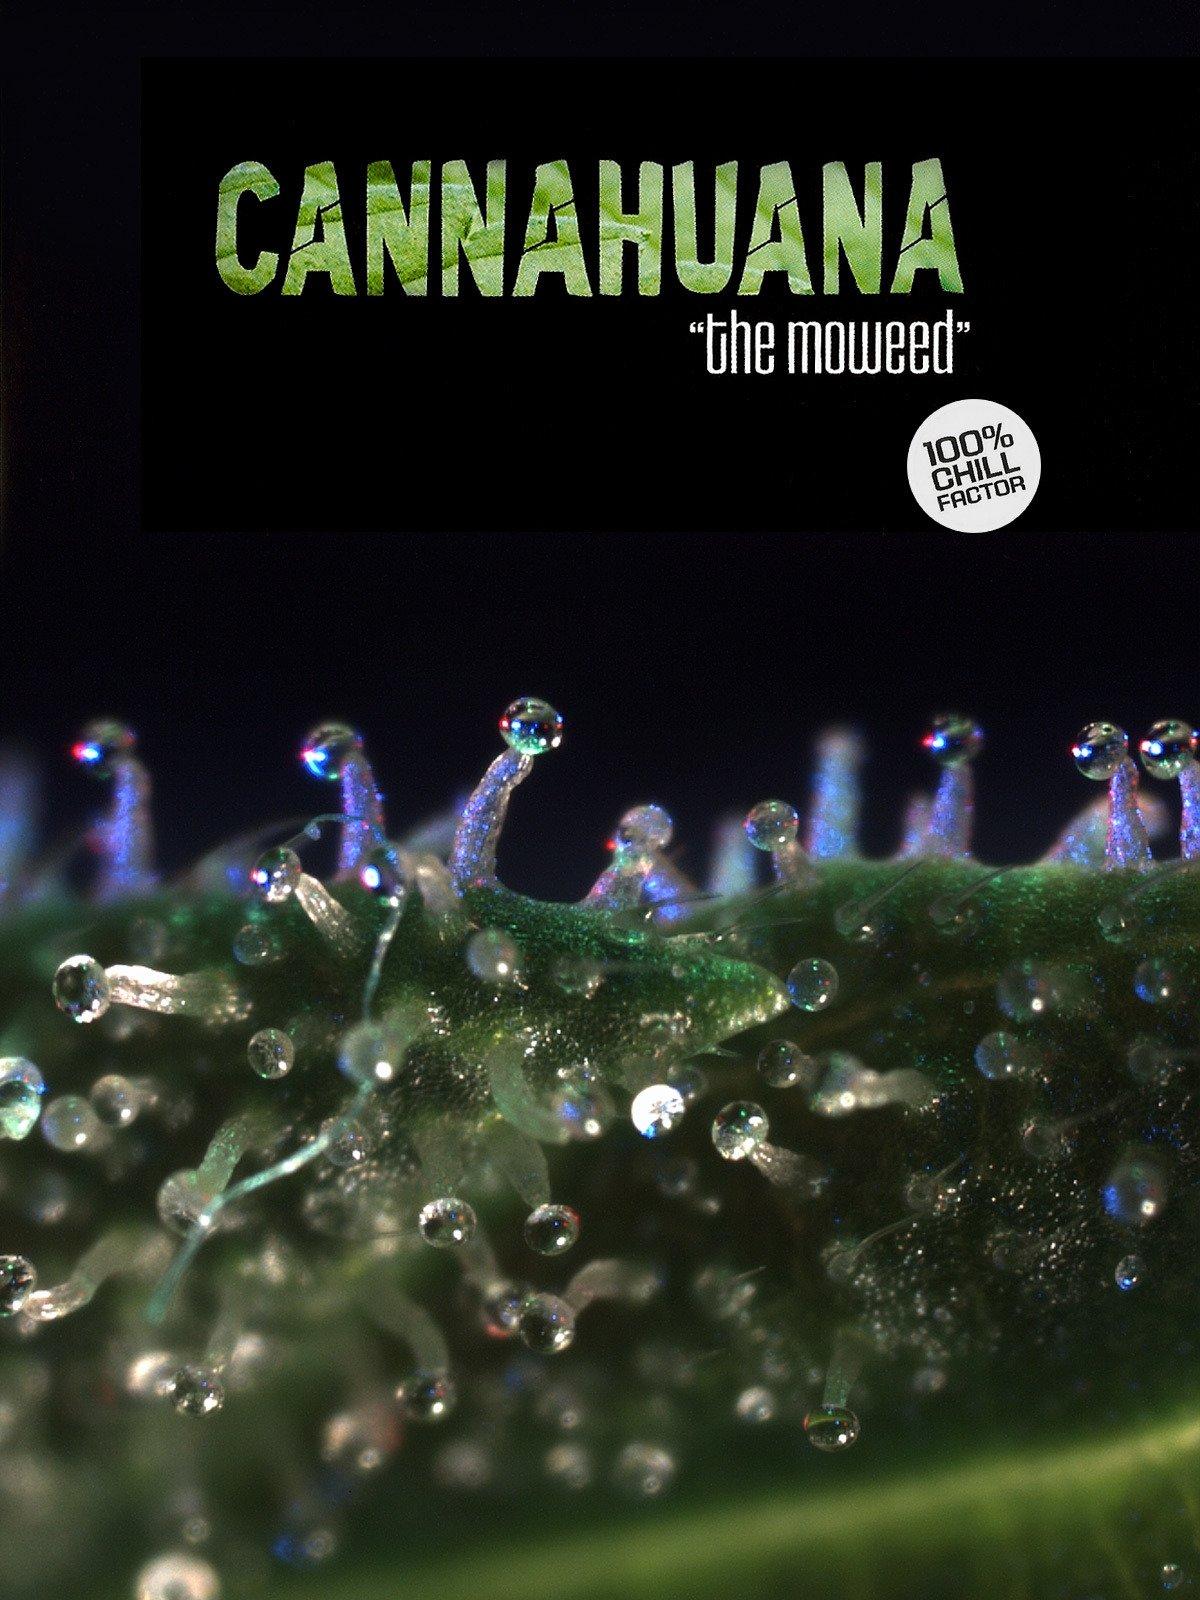 Cannahuana the Moweed